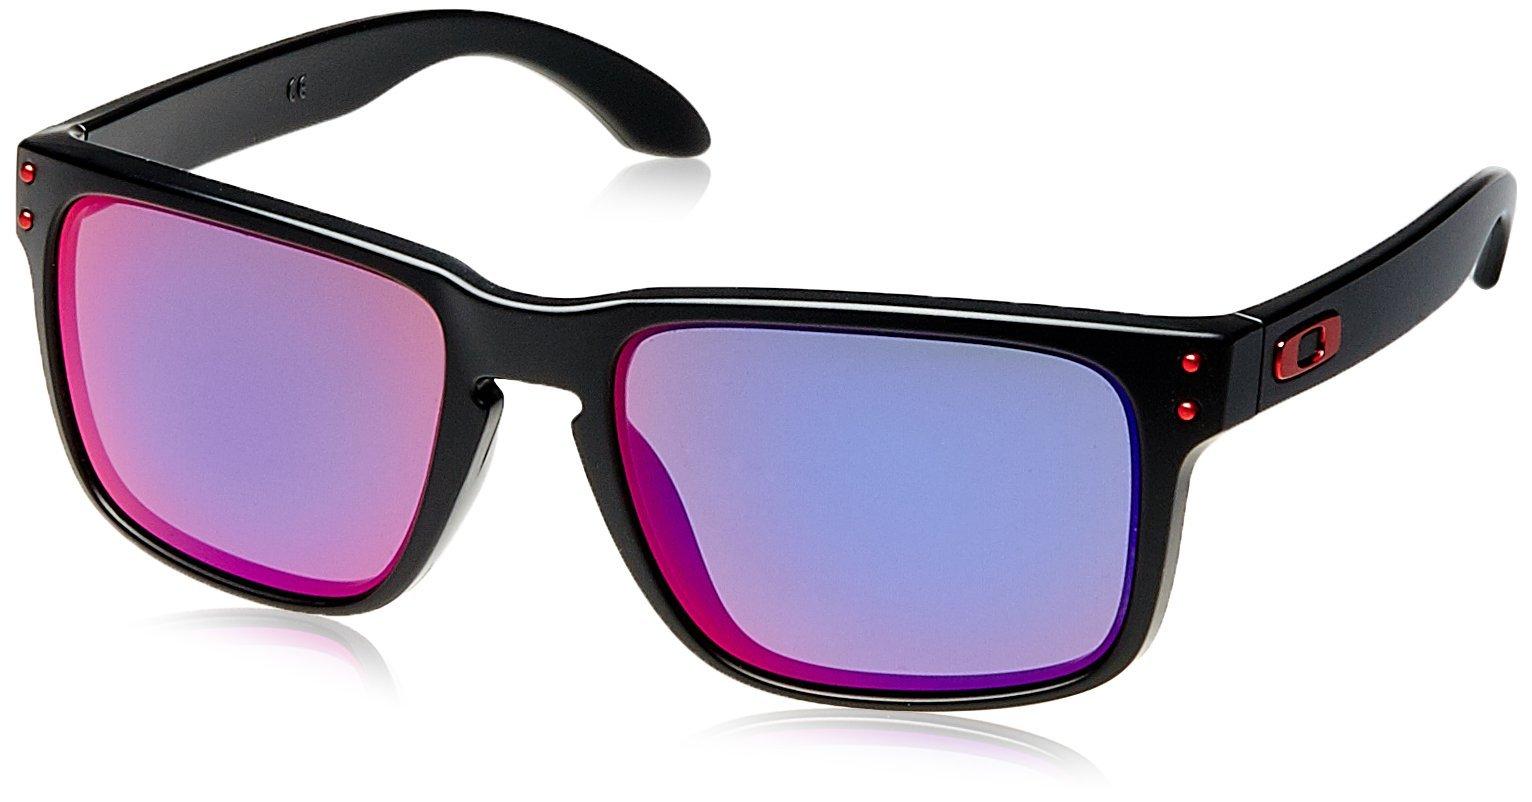 Oakley Holbrook Sunglasses,Matte Black/Red